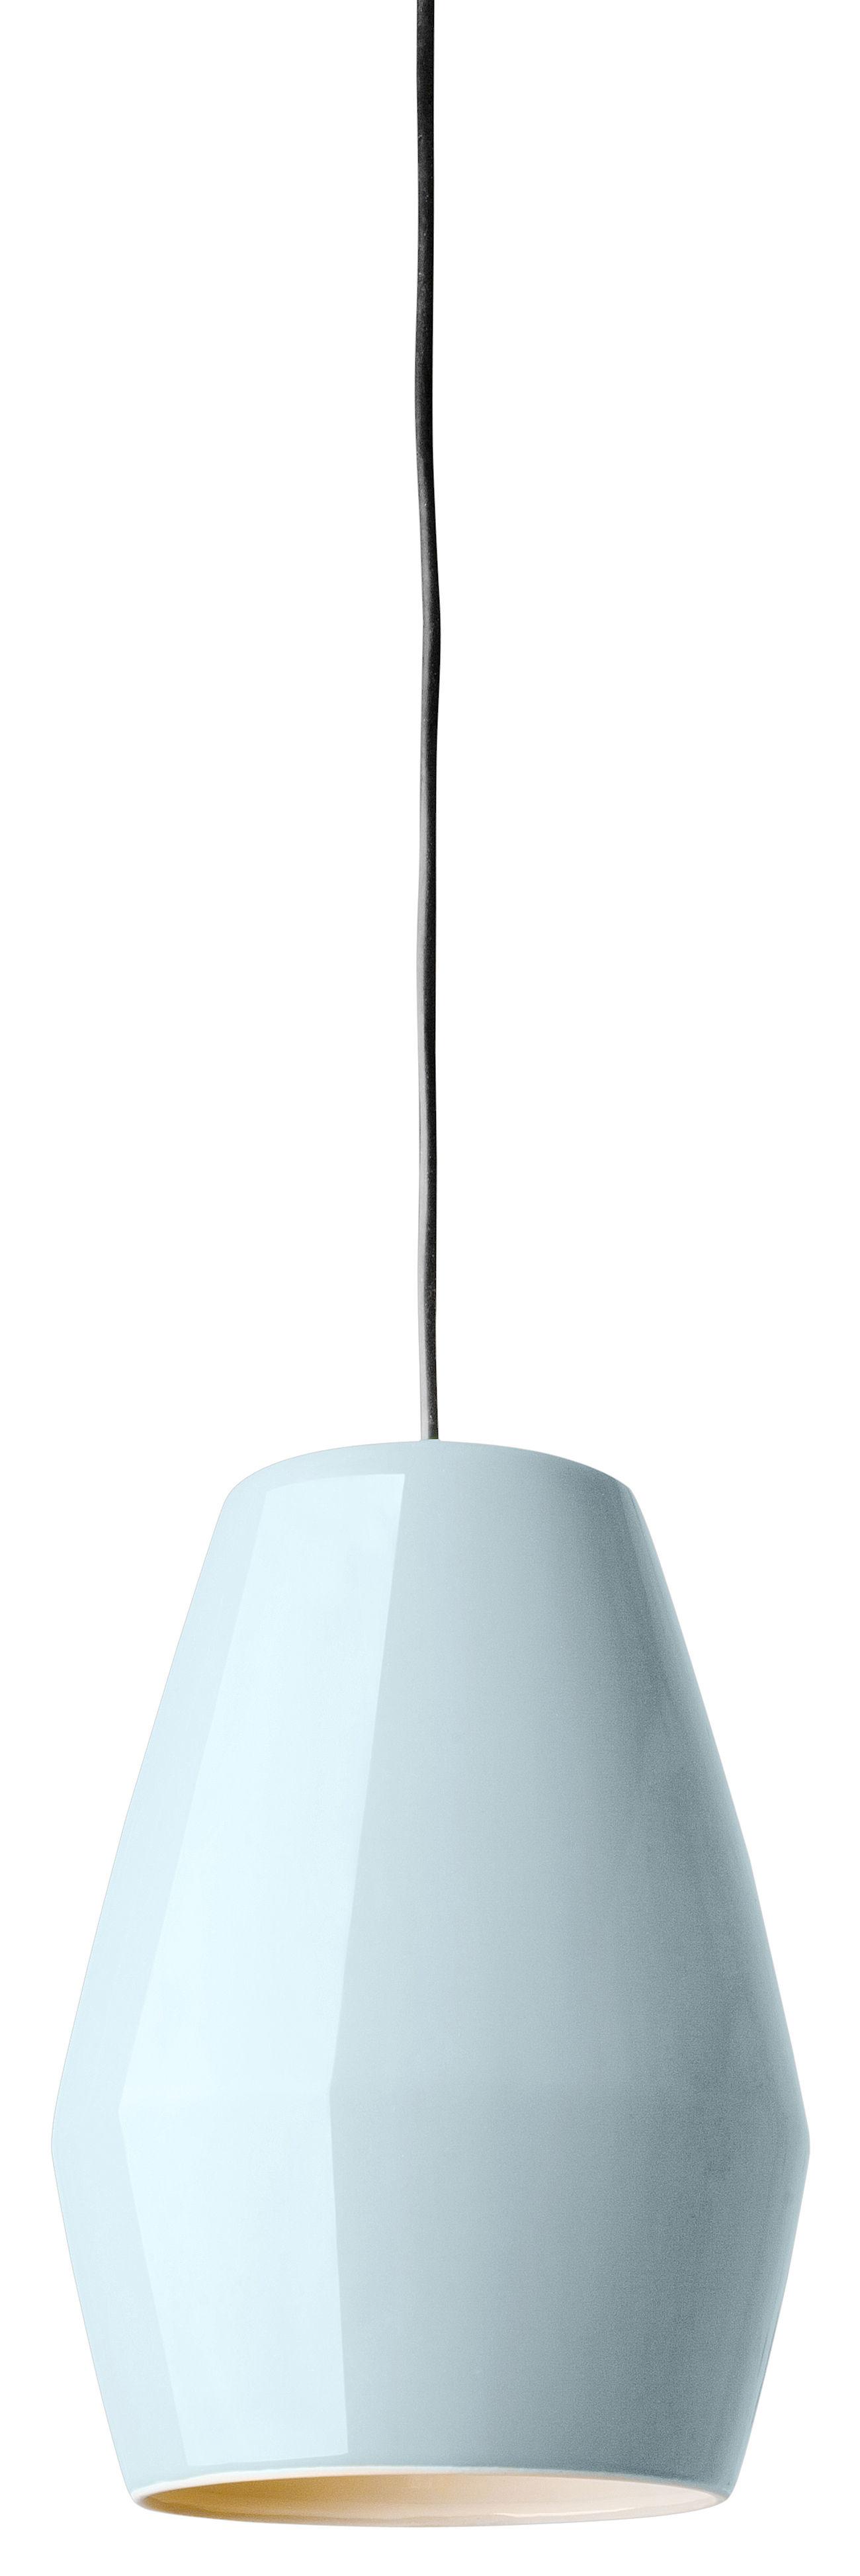 bell pendant light blue by northern lighting. Black Bedroom Furniture Sets. Home Design Ideas